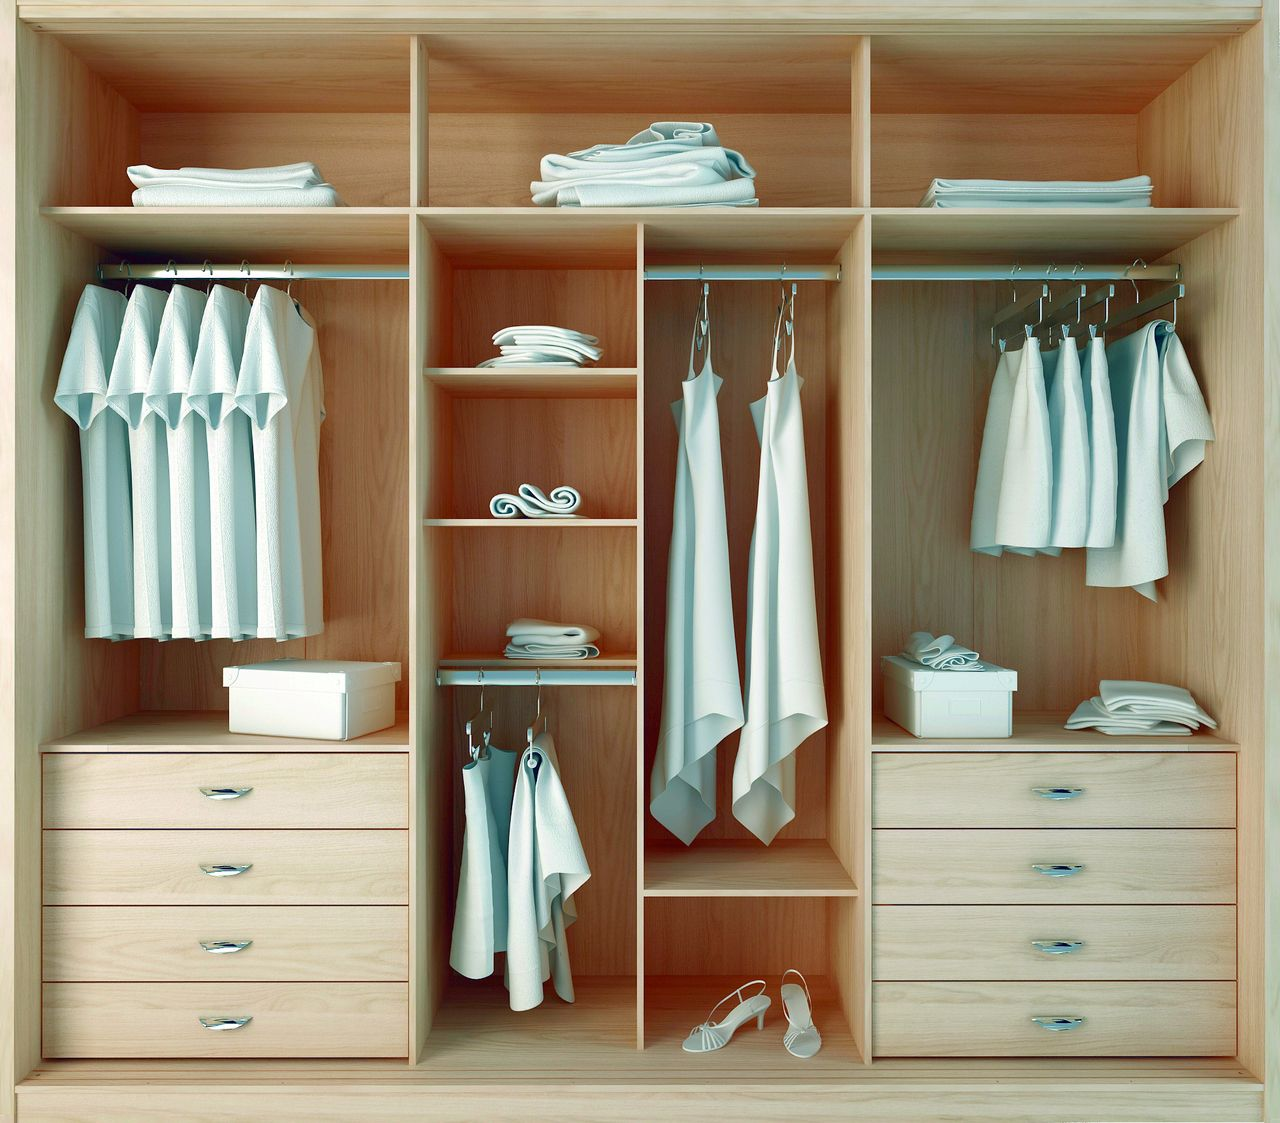 Manhattan comfort 34263 8 drawer noho 3 door wardrobe in for Ikea dans nyc manhattan